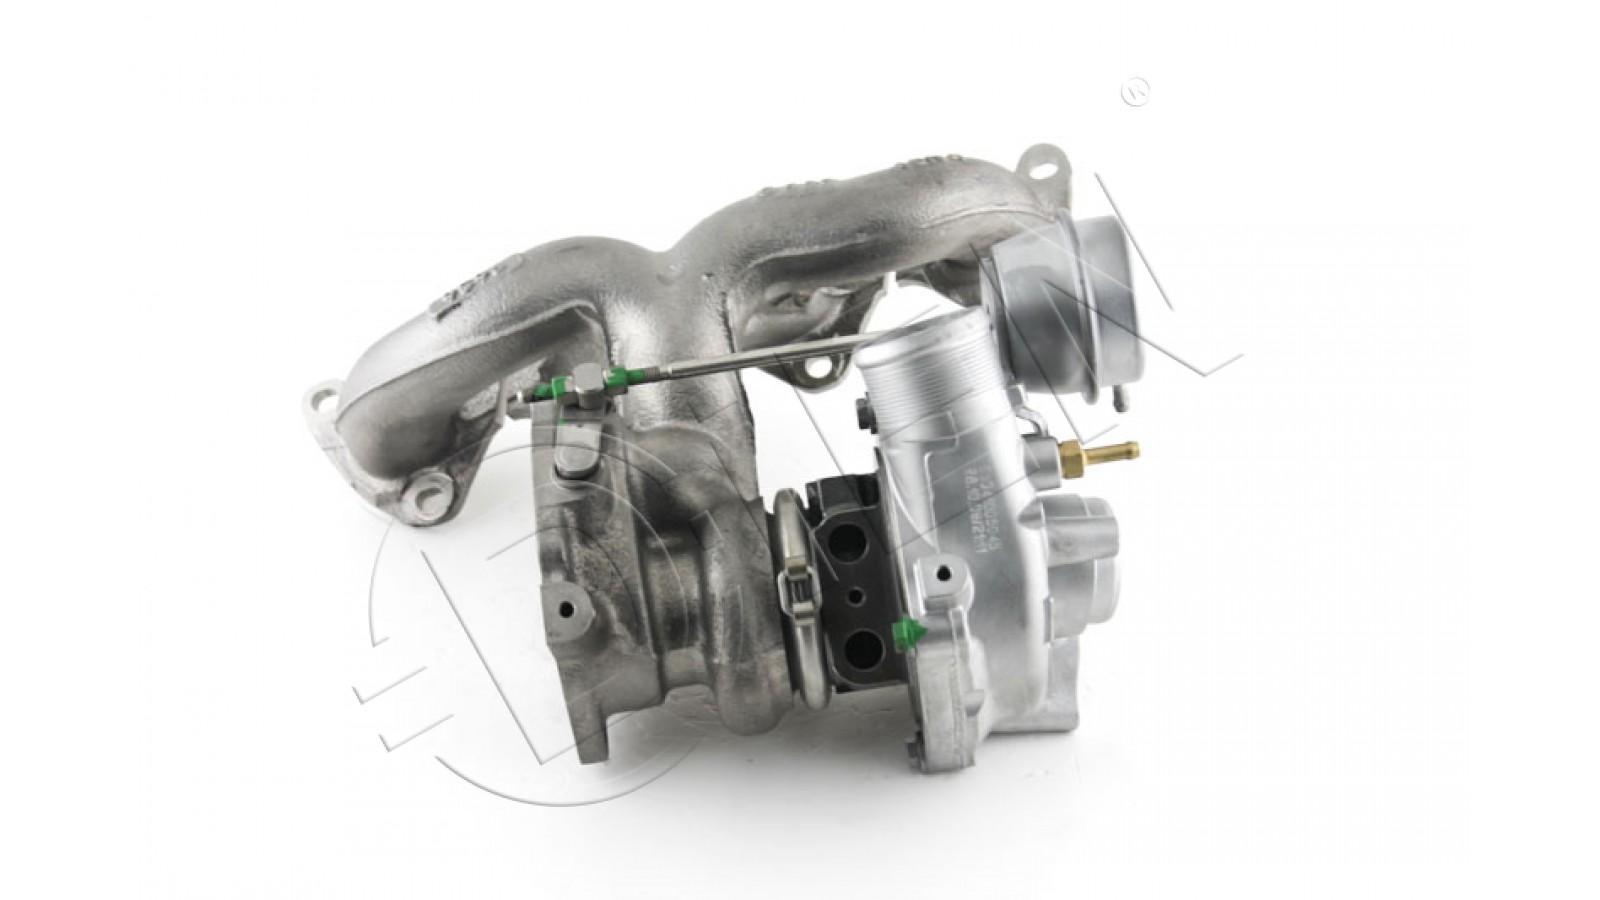 Turbocompressore  VOLKSWAGEN  GOLF VI  1.4 TSI  160Cv  1390ccm  ott 2008 - nov 2012